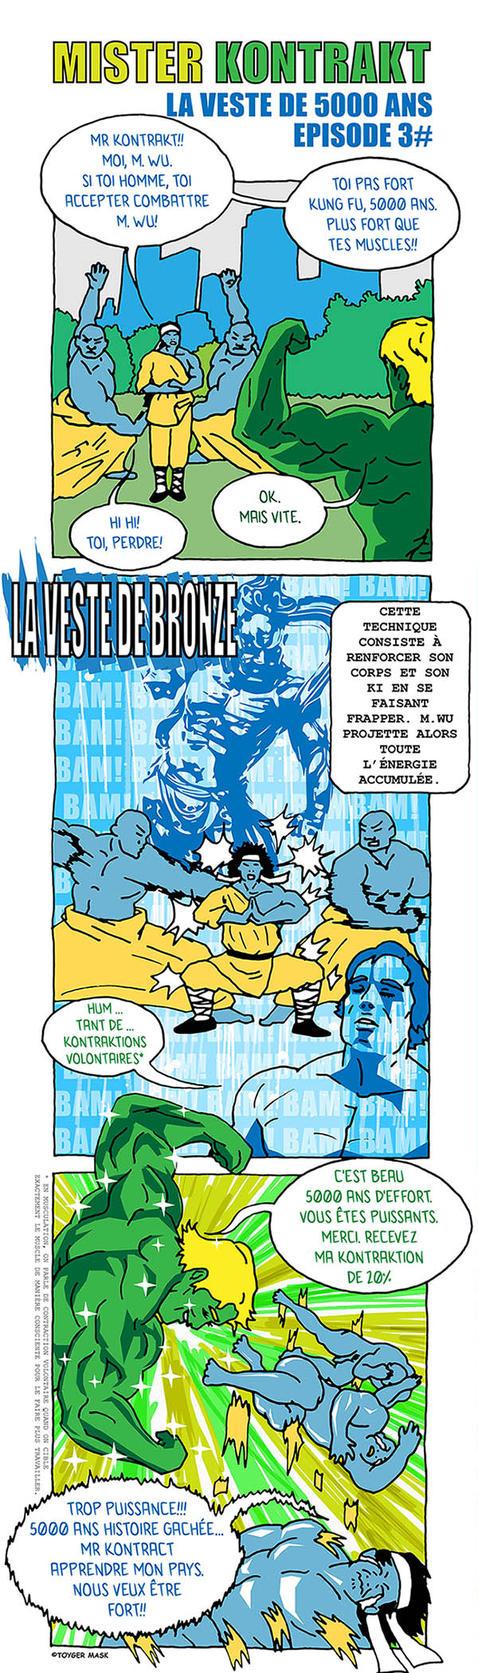 Mr KONTRAKT: EPISODE 3# La veste de 5000 ans by ToygerMask